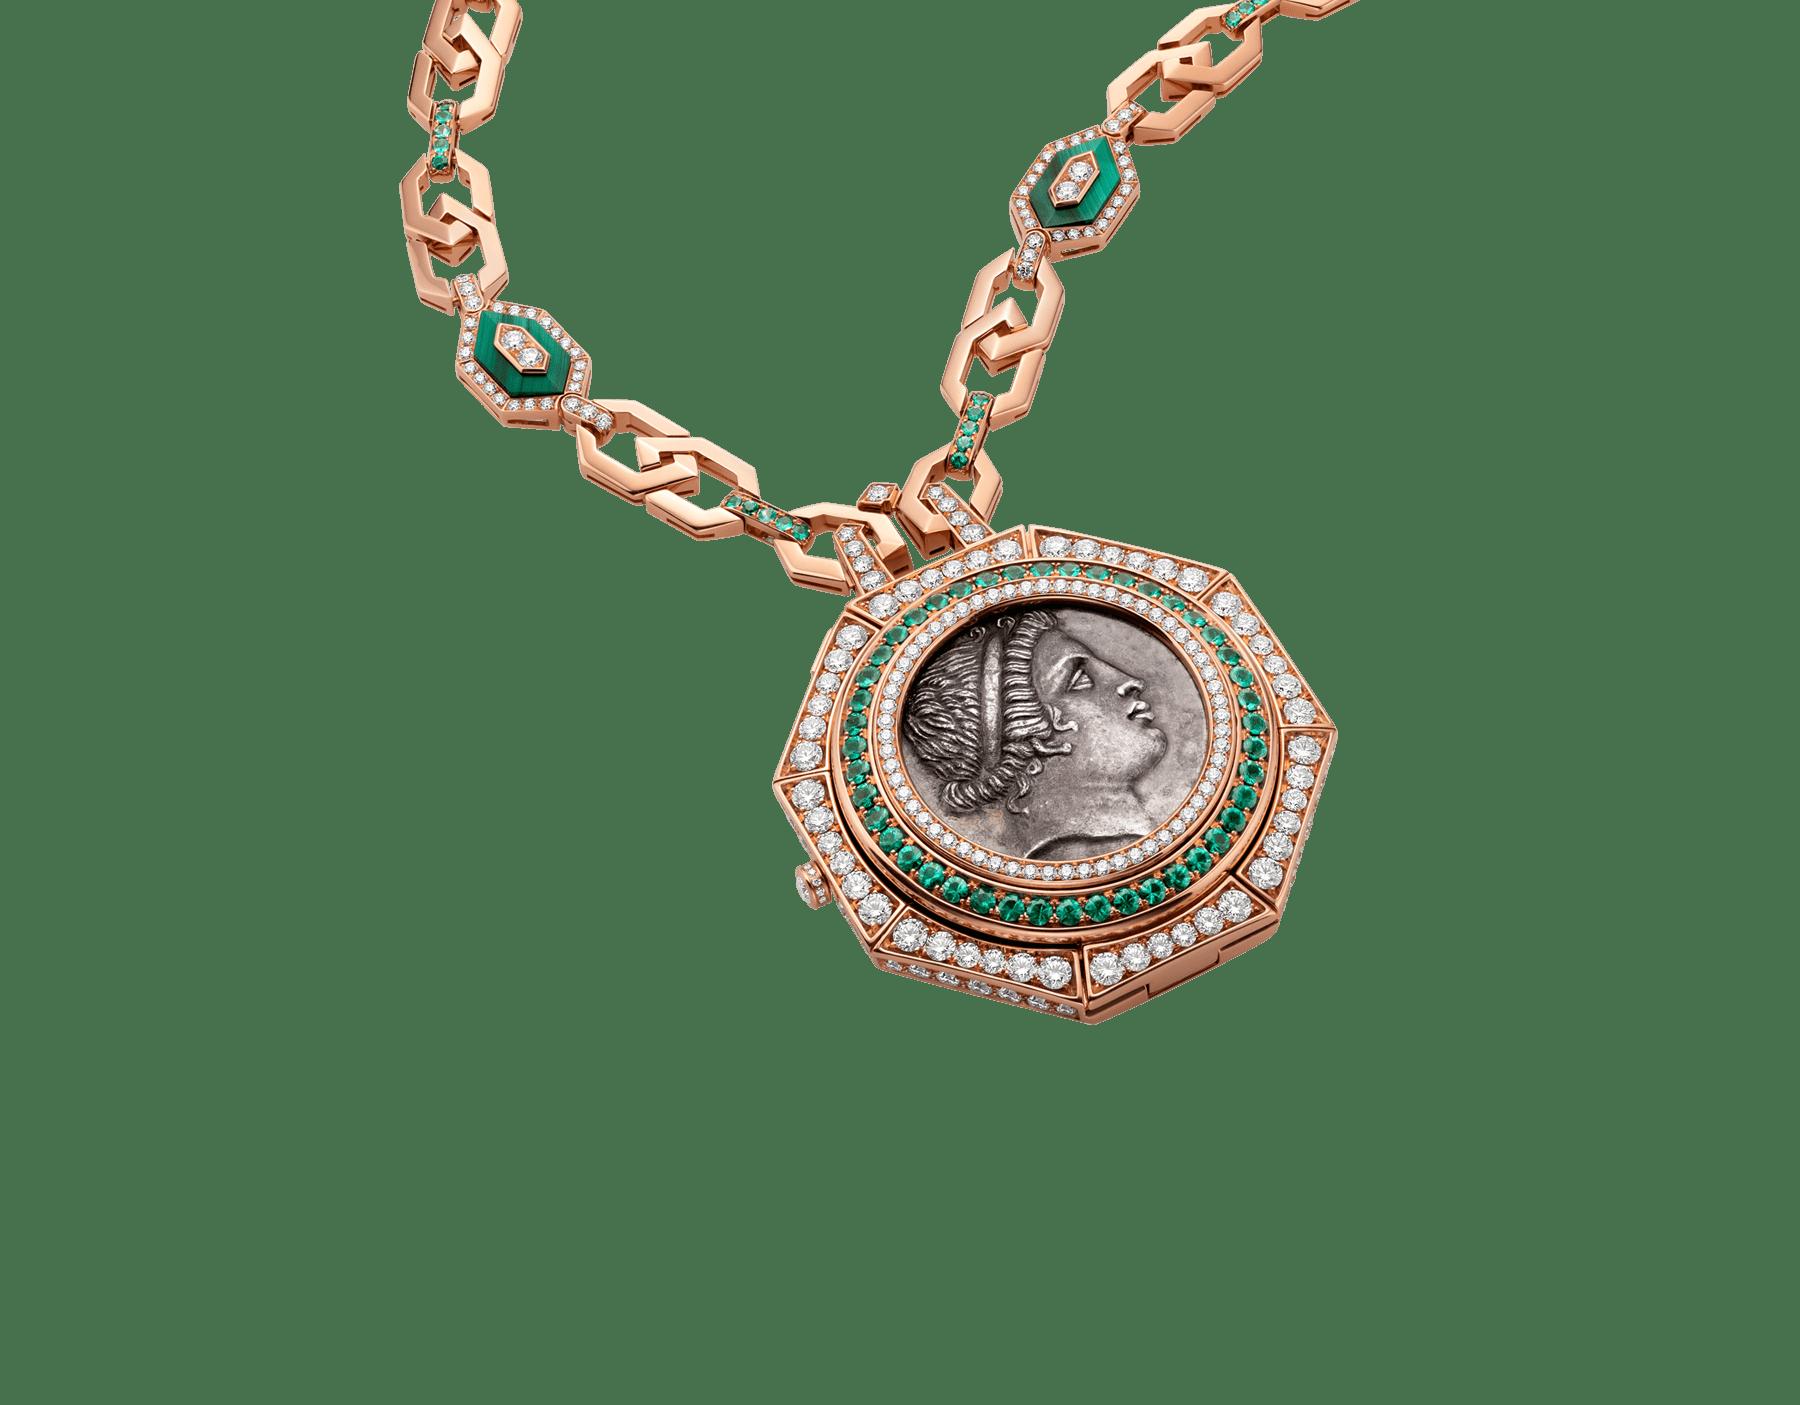 Montre à secret pendentif Monete avec boîtier en or rose 18K serti d'une antique pièce de monnaie en argent, diamants taille brillant et émeraudes, cadran en malachite et chaîne en or rose 18K sertie de diamants taille brillant, émeraudes et éléments en malachite 102847 image 2